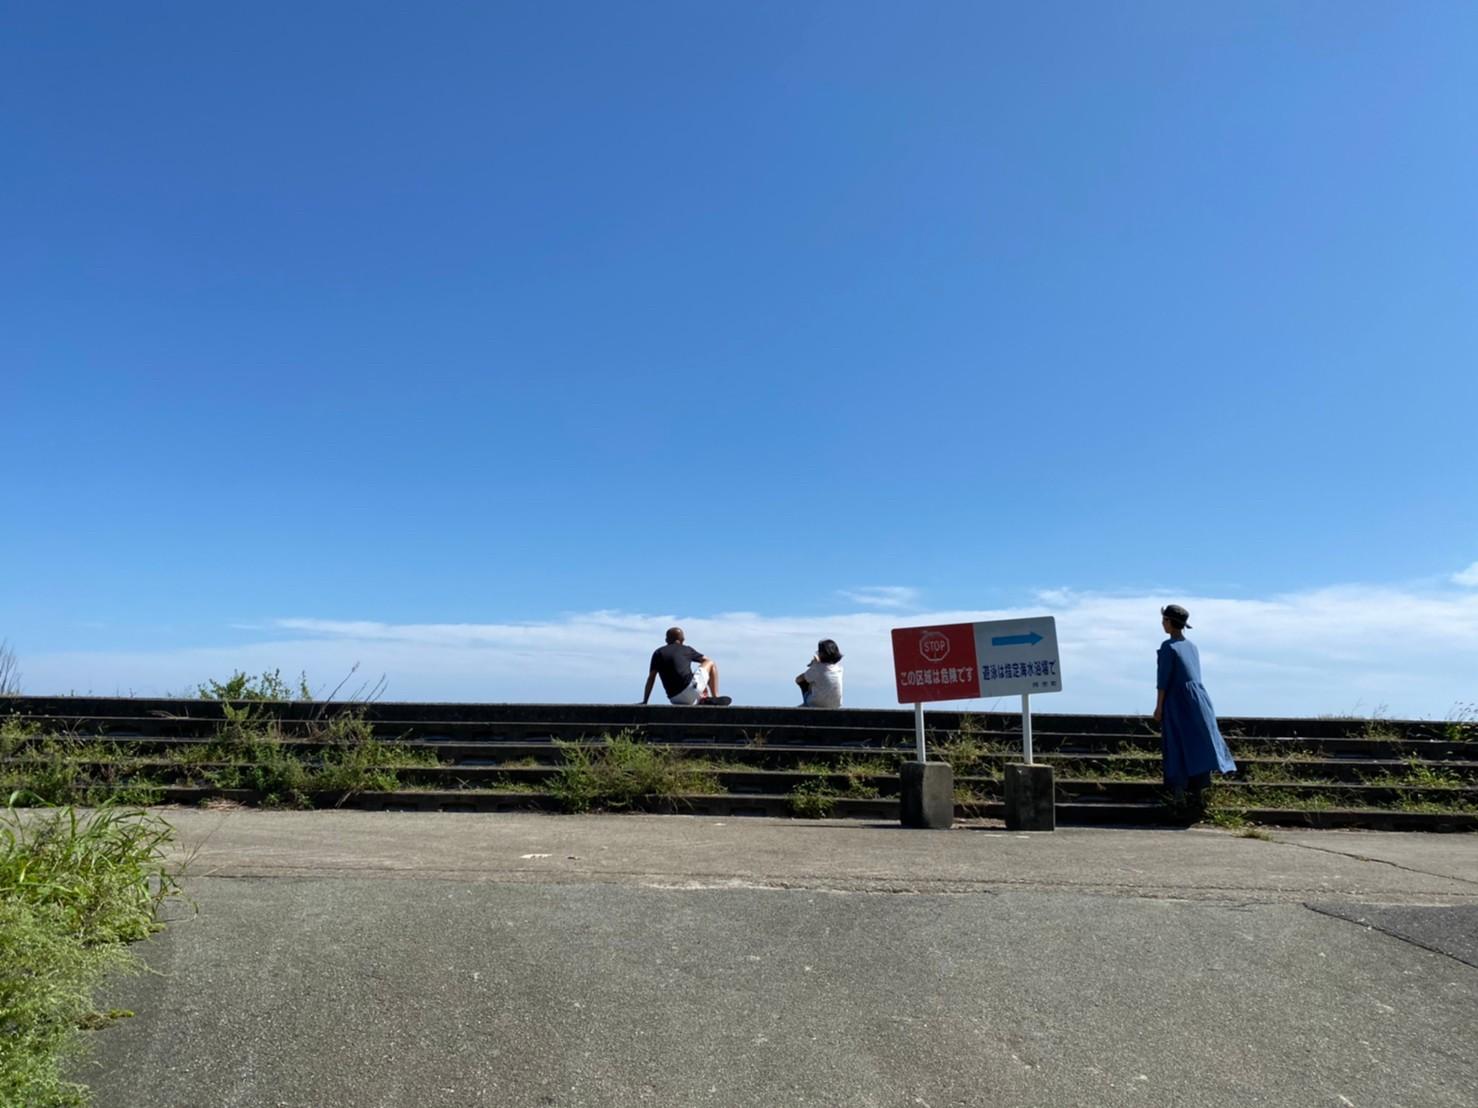 【三重県志摩市】『阿児の松原海水浴場』の海釣りガイド(釣れる魚・駐車場・トイレ)